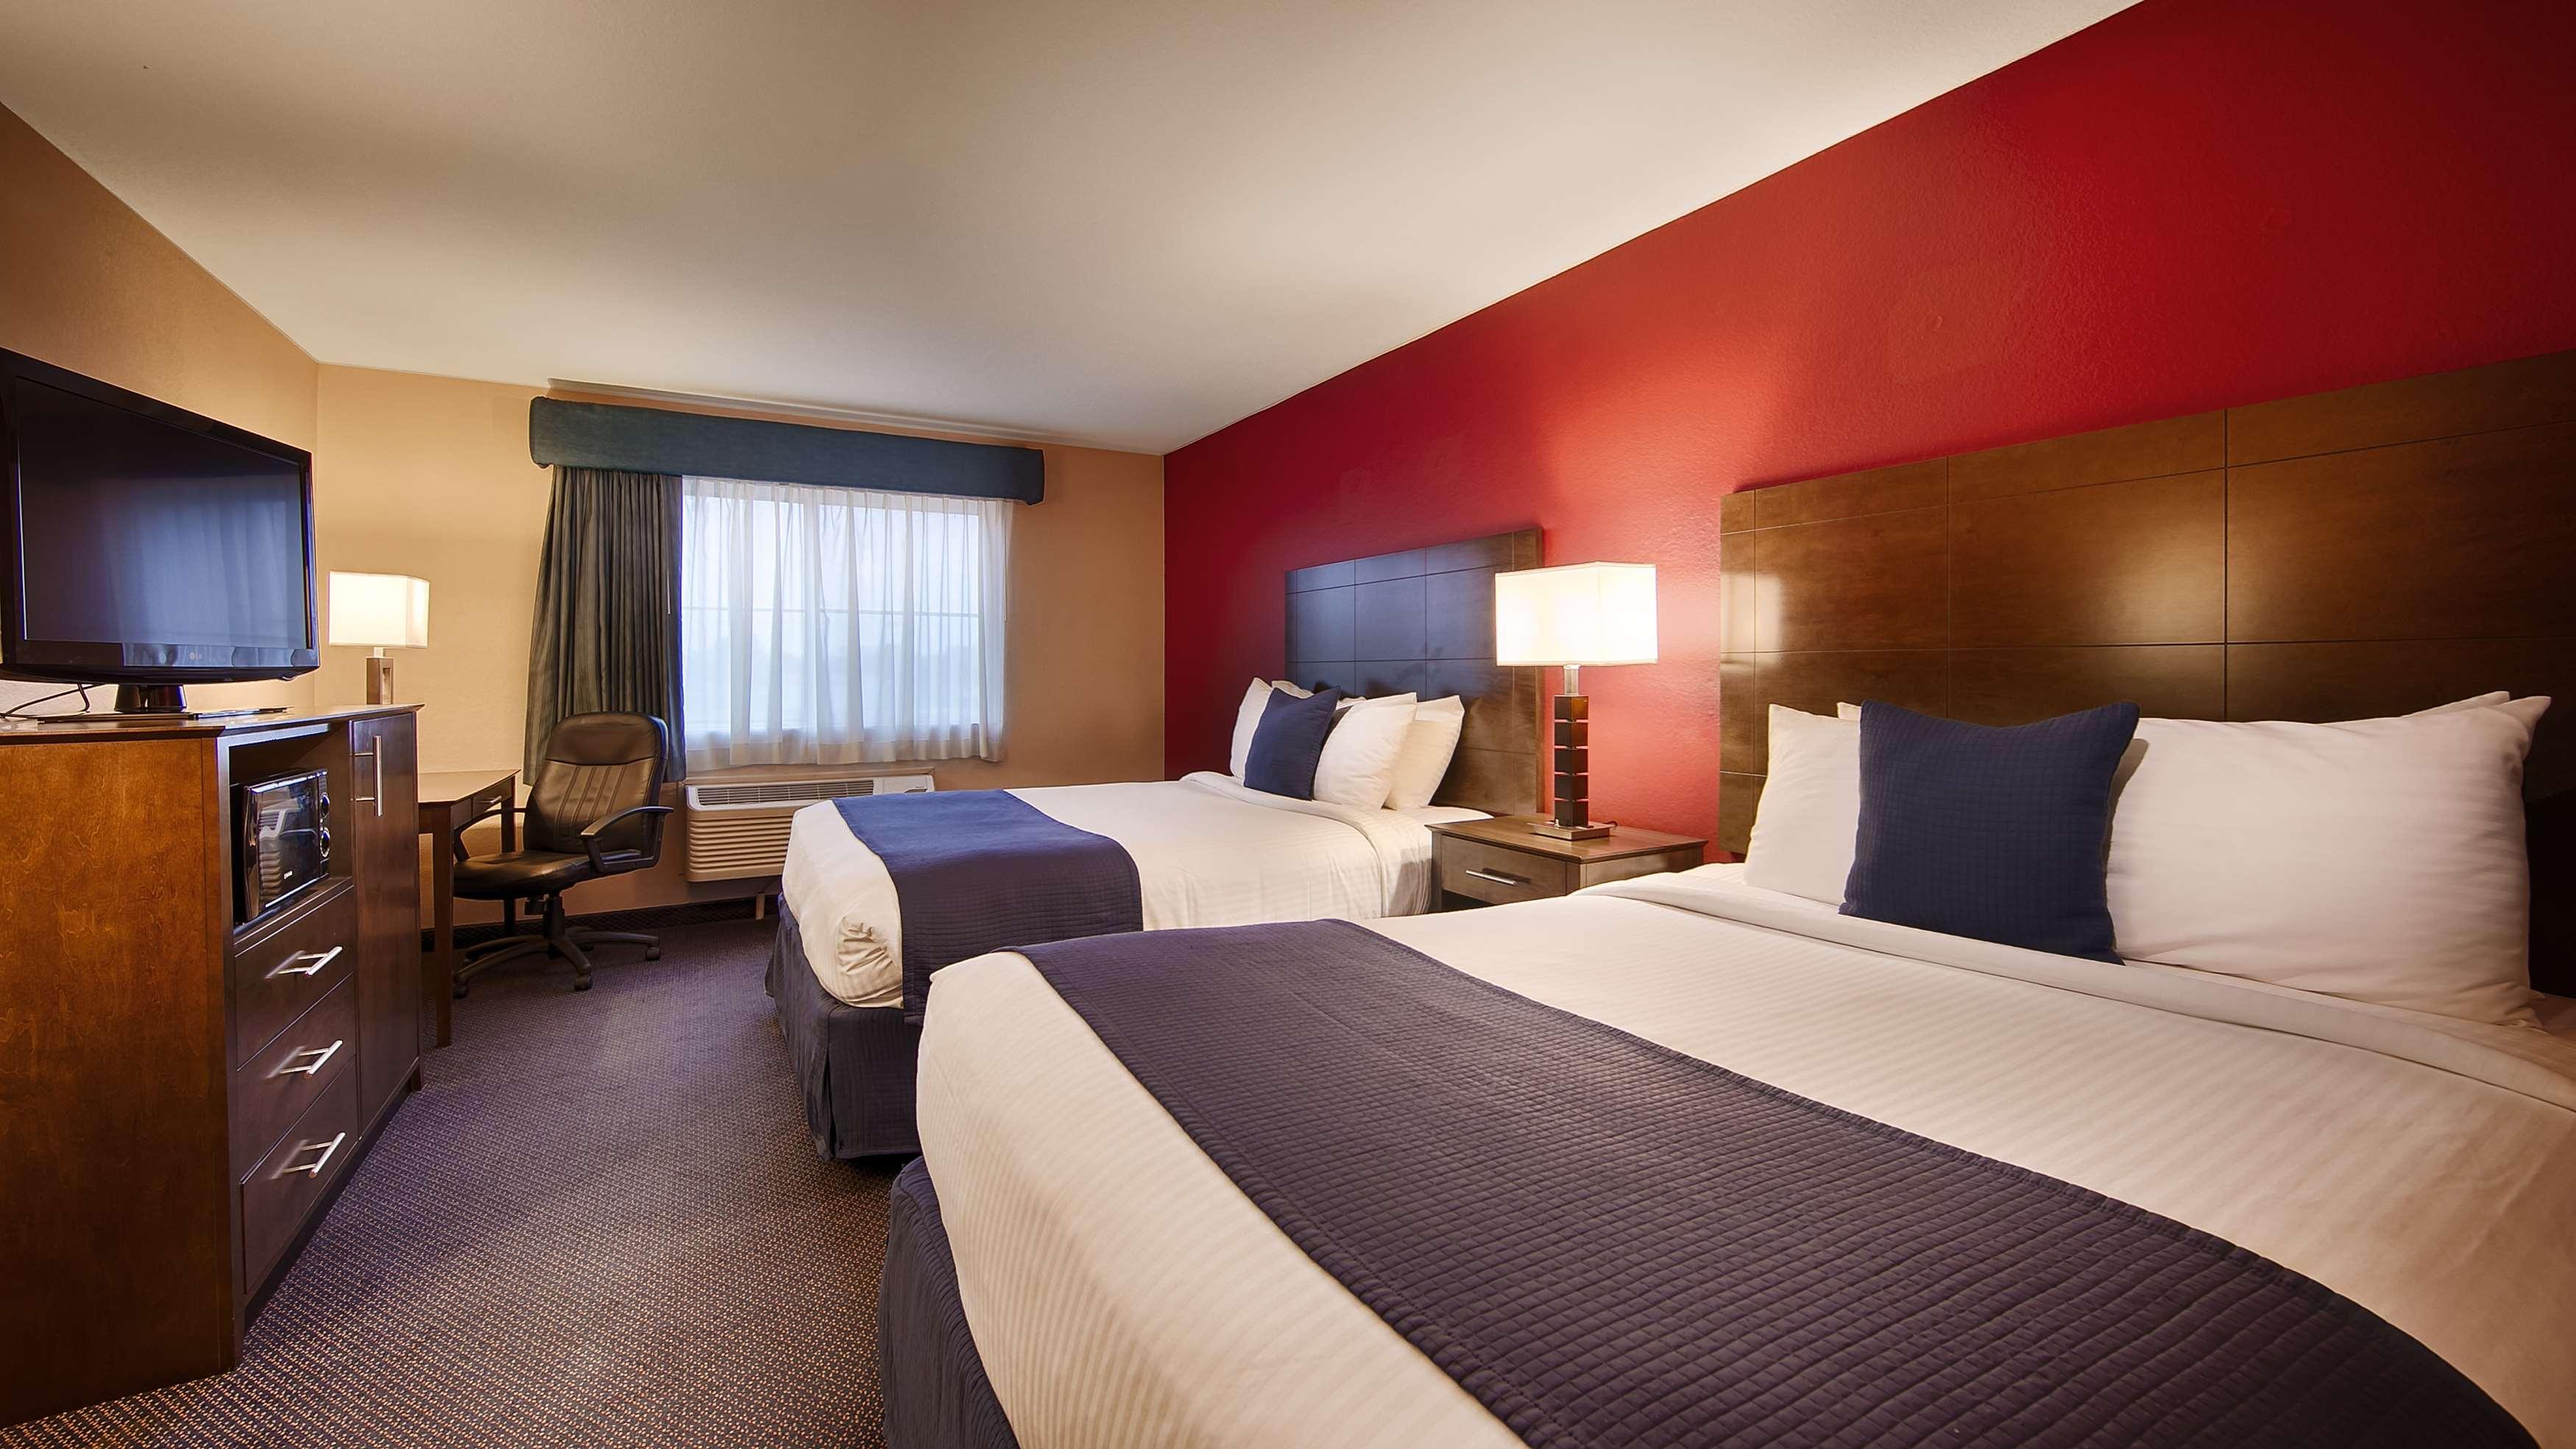 Best Western Plus Brandywine Inn & Suites image 9